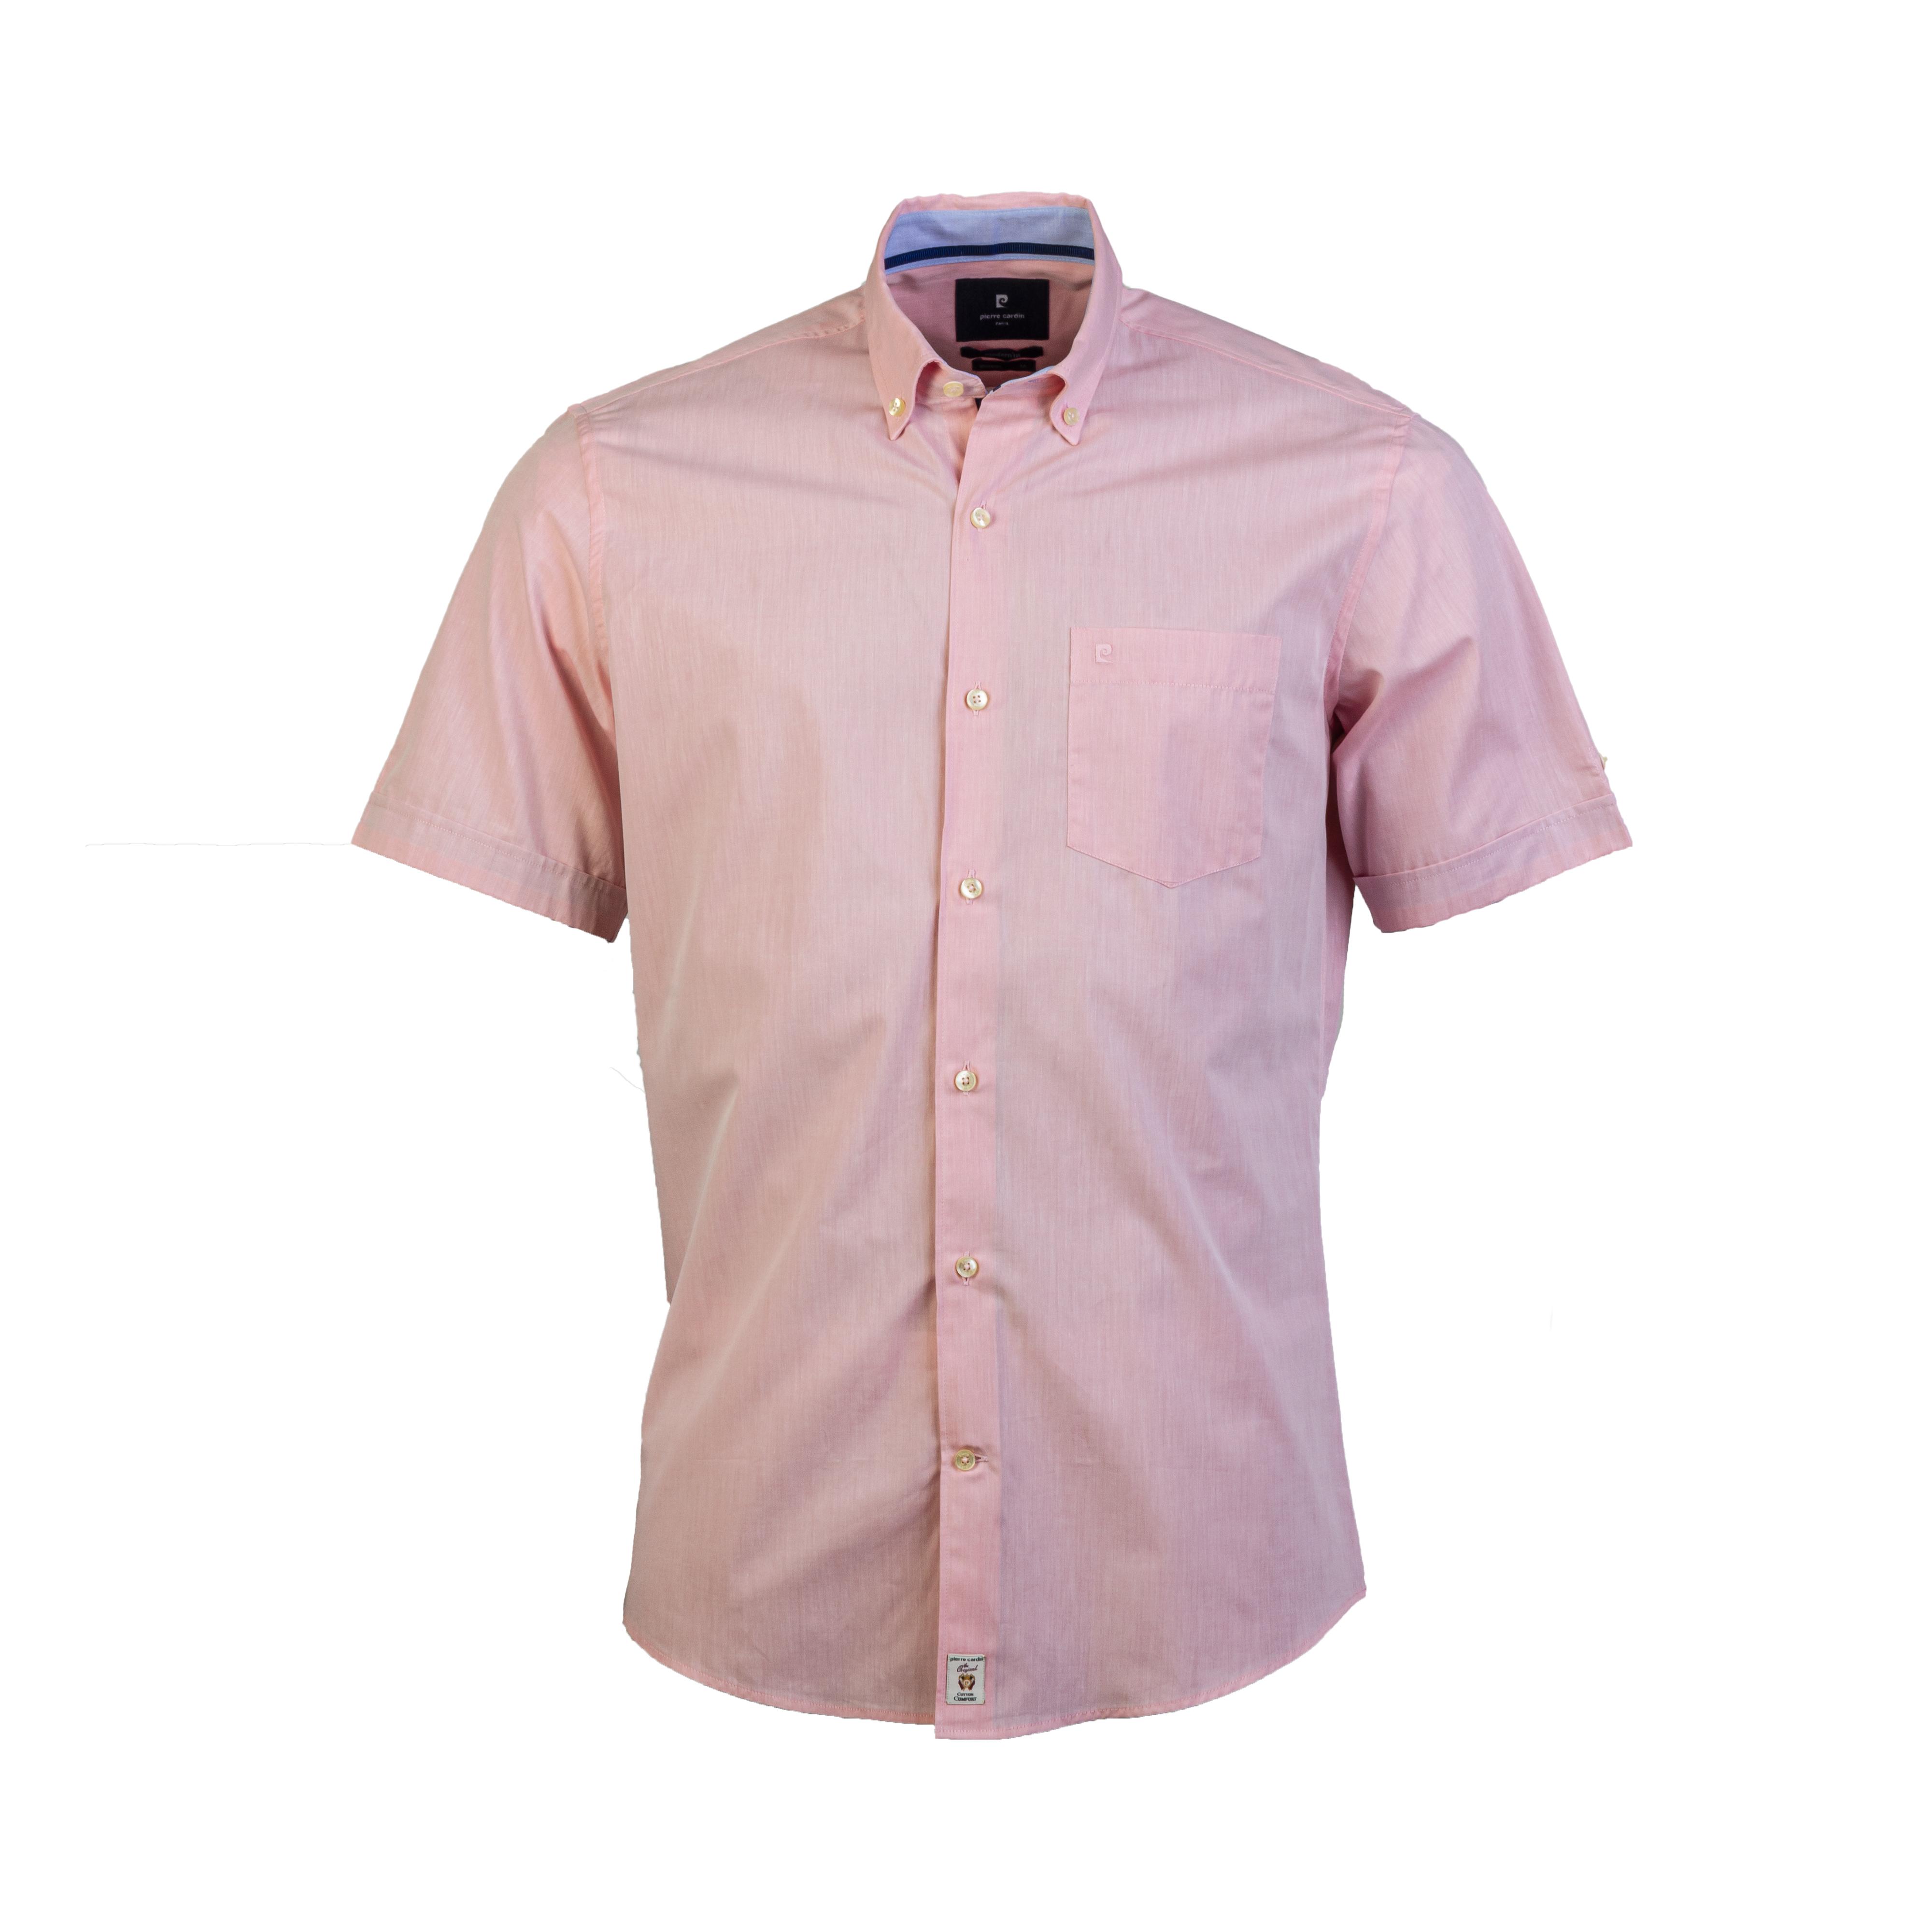 Chemise manches courtes ajustée  en coton rose à opposition bleu denim